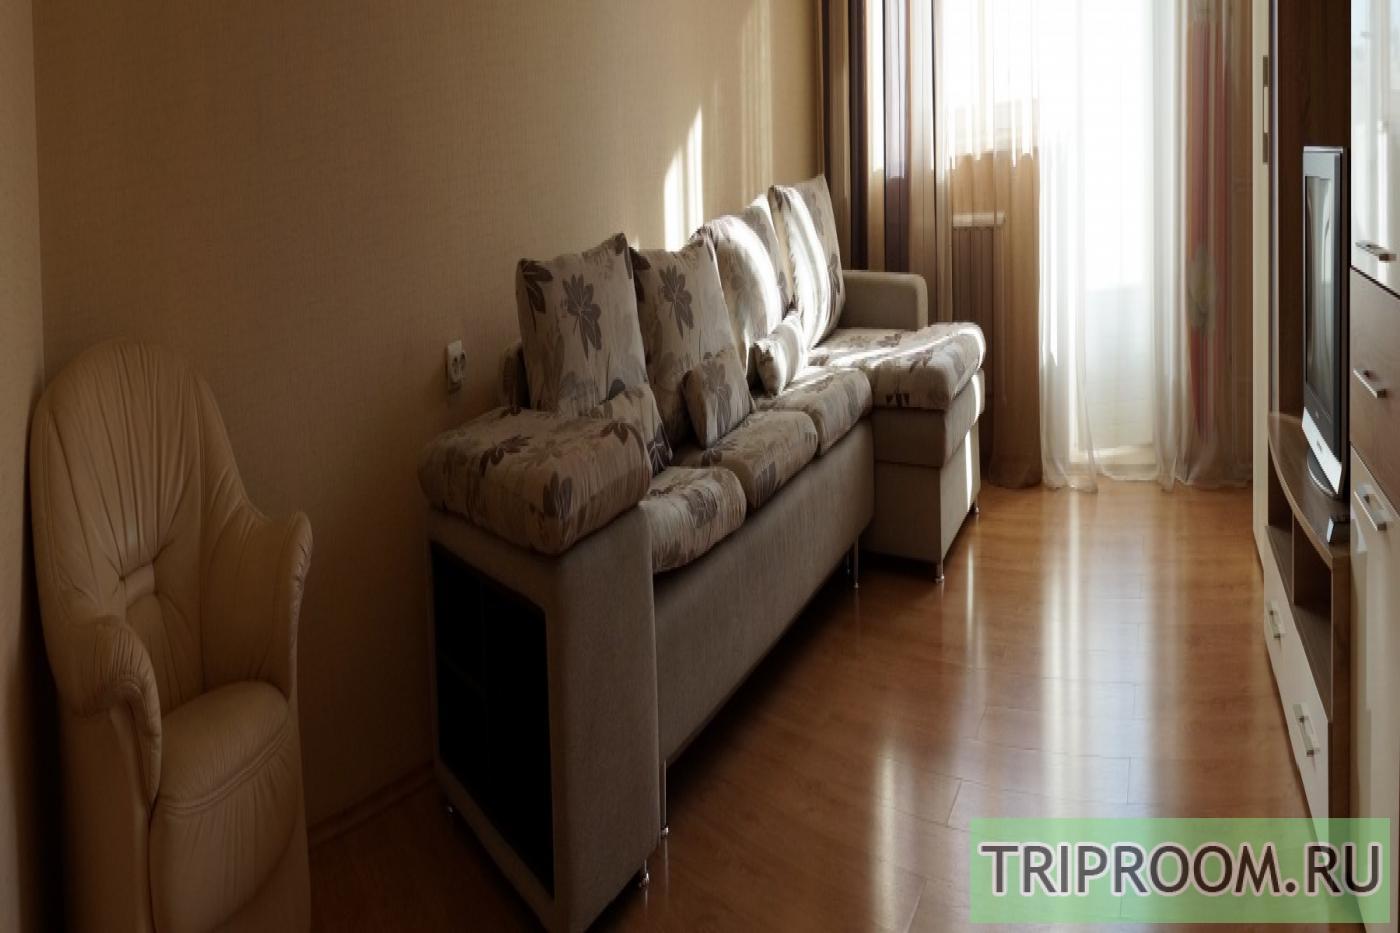 1-комнатная квартира посуточно (вариант № 23799), ул. Авиаторов улица, фото № 4